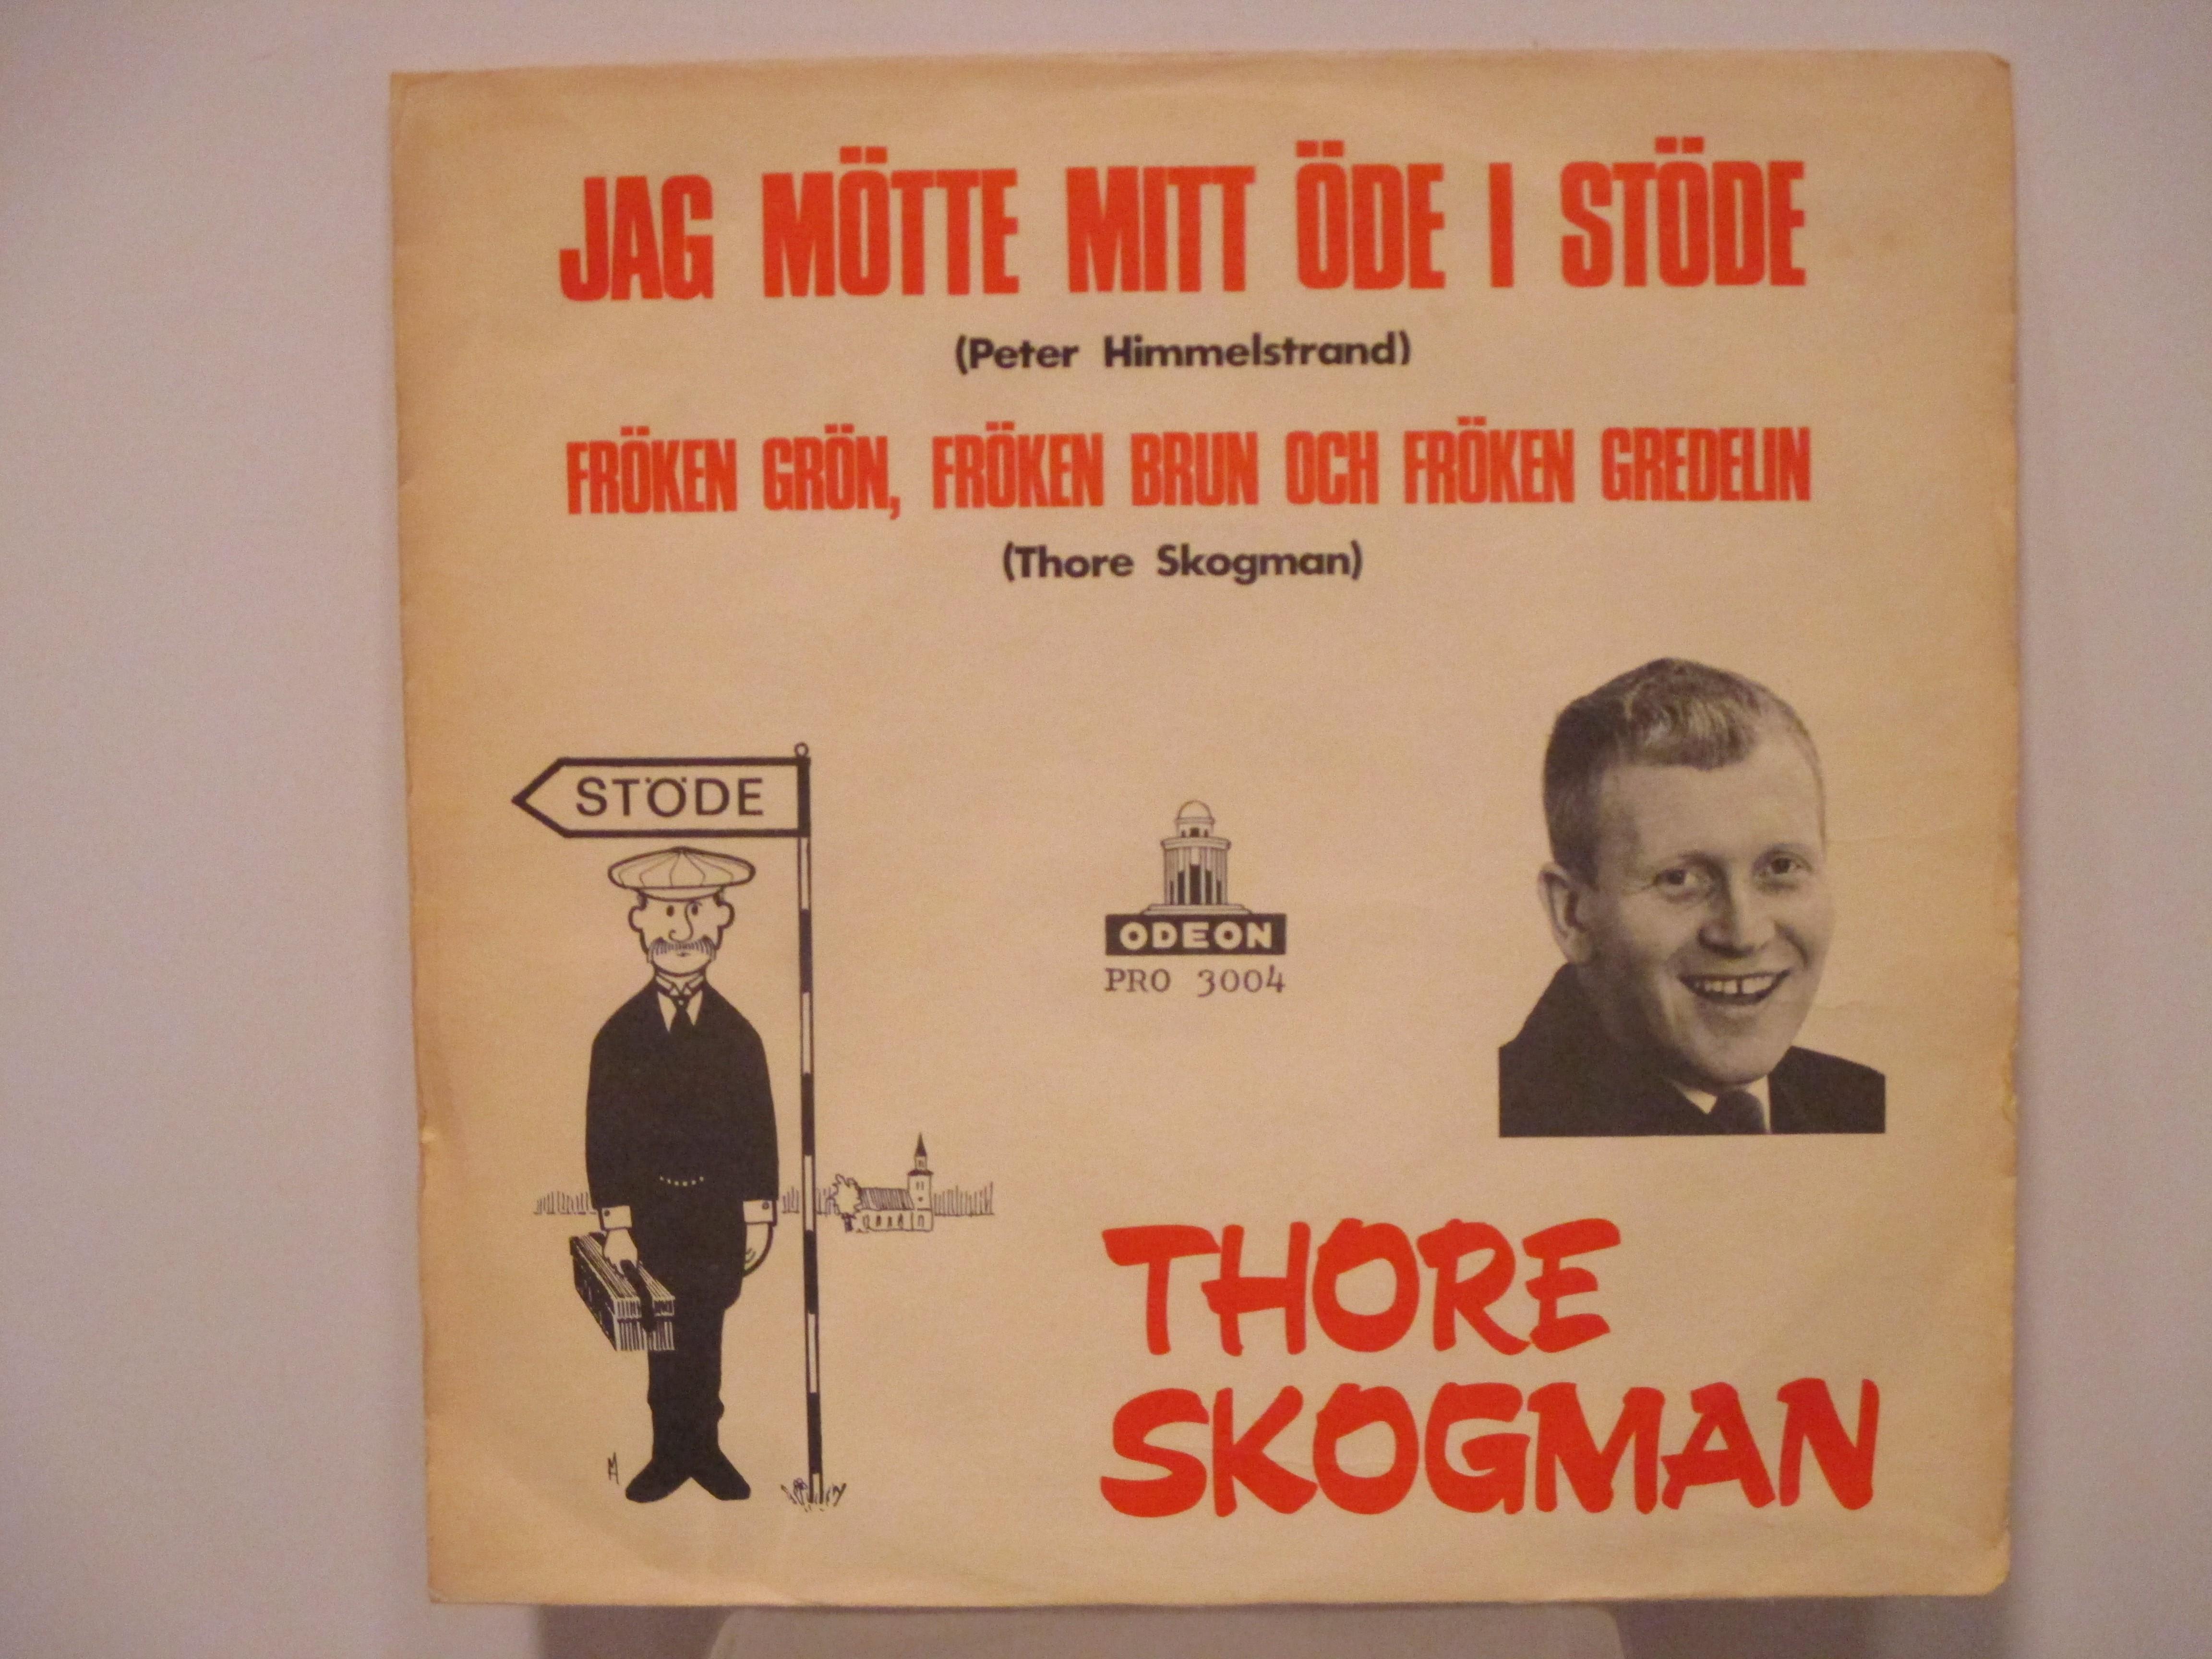 Mn i Stde - Singel i Sverige